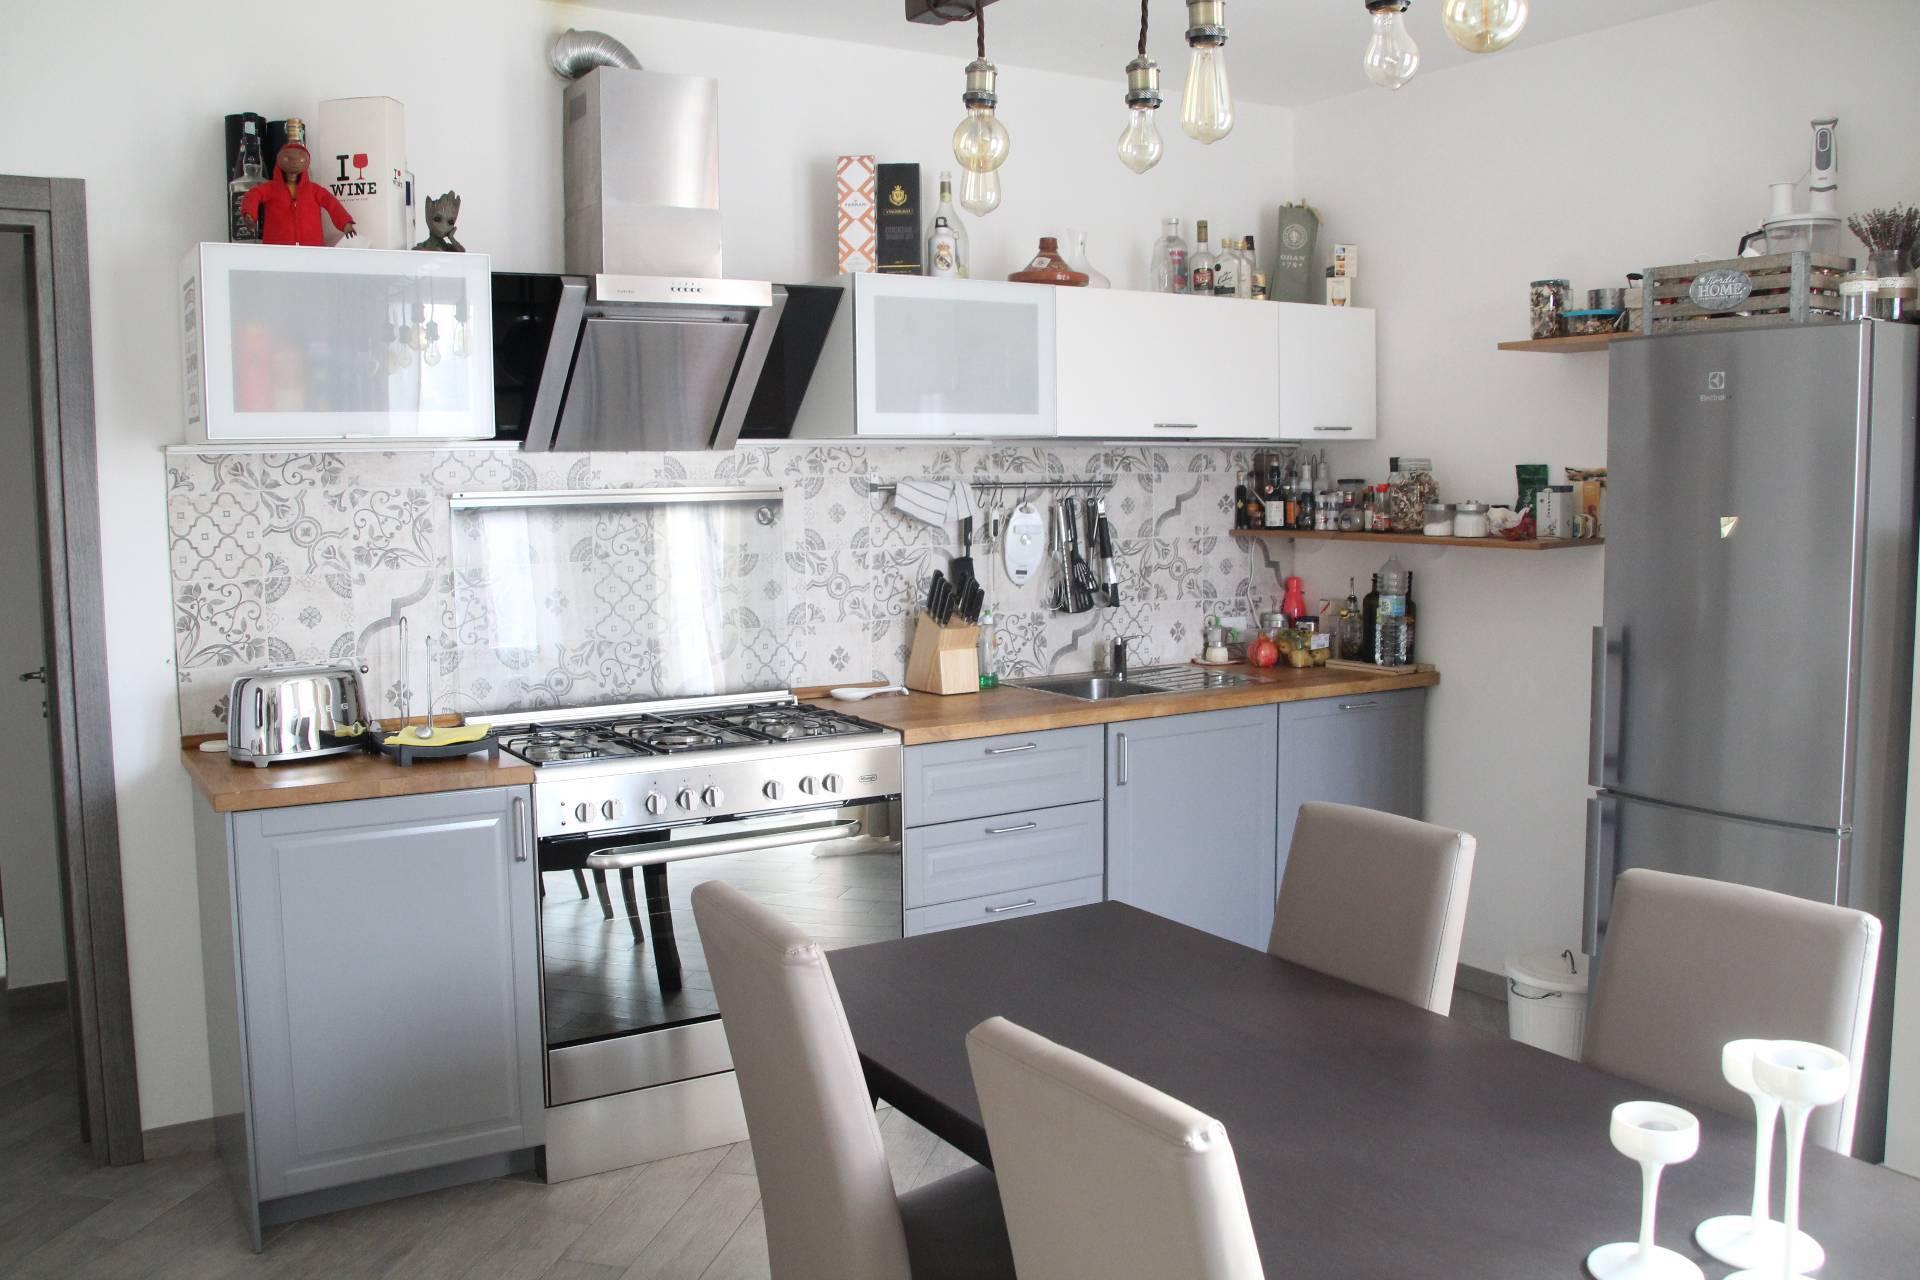 Appartamento in vendita a Maranello, 3 locali, zona Zona: Pozza, prezzo € 215.000 | CambioCasa.it